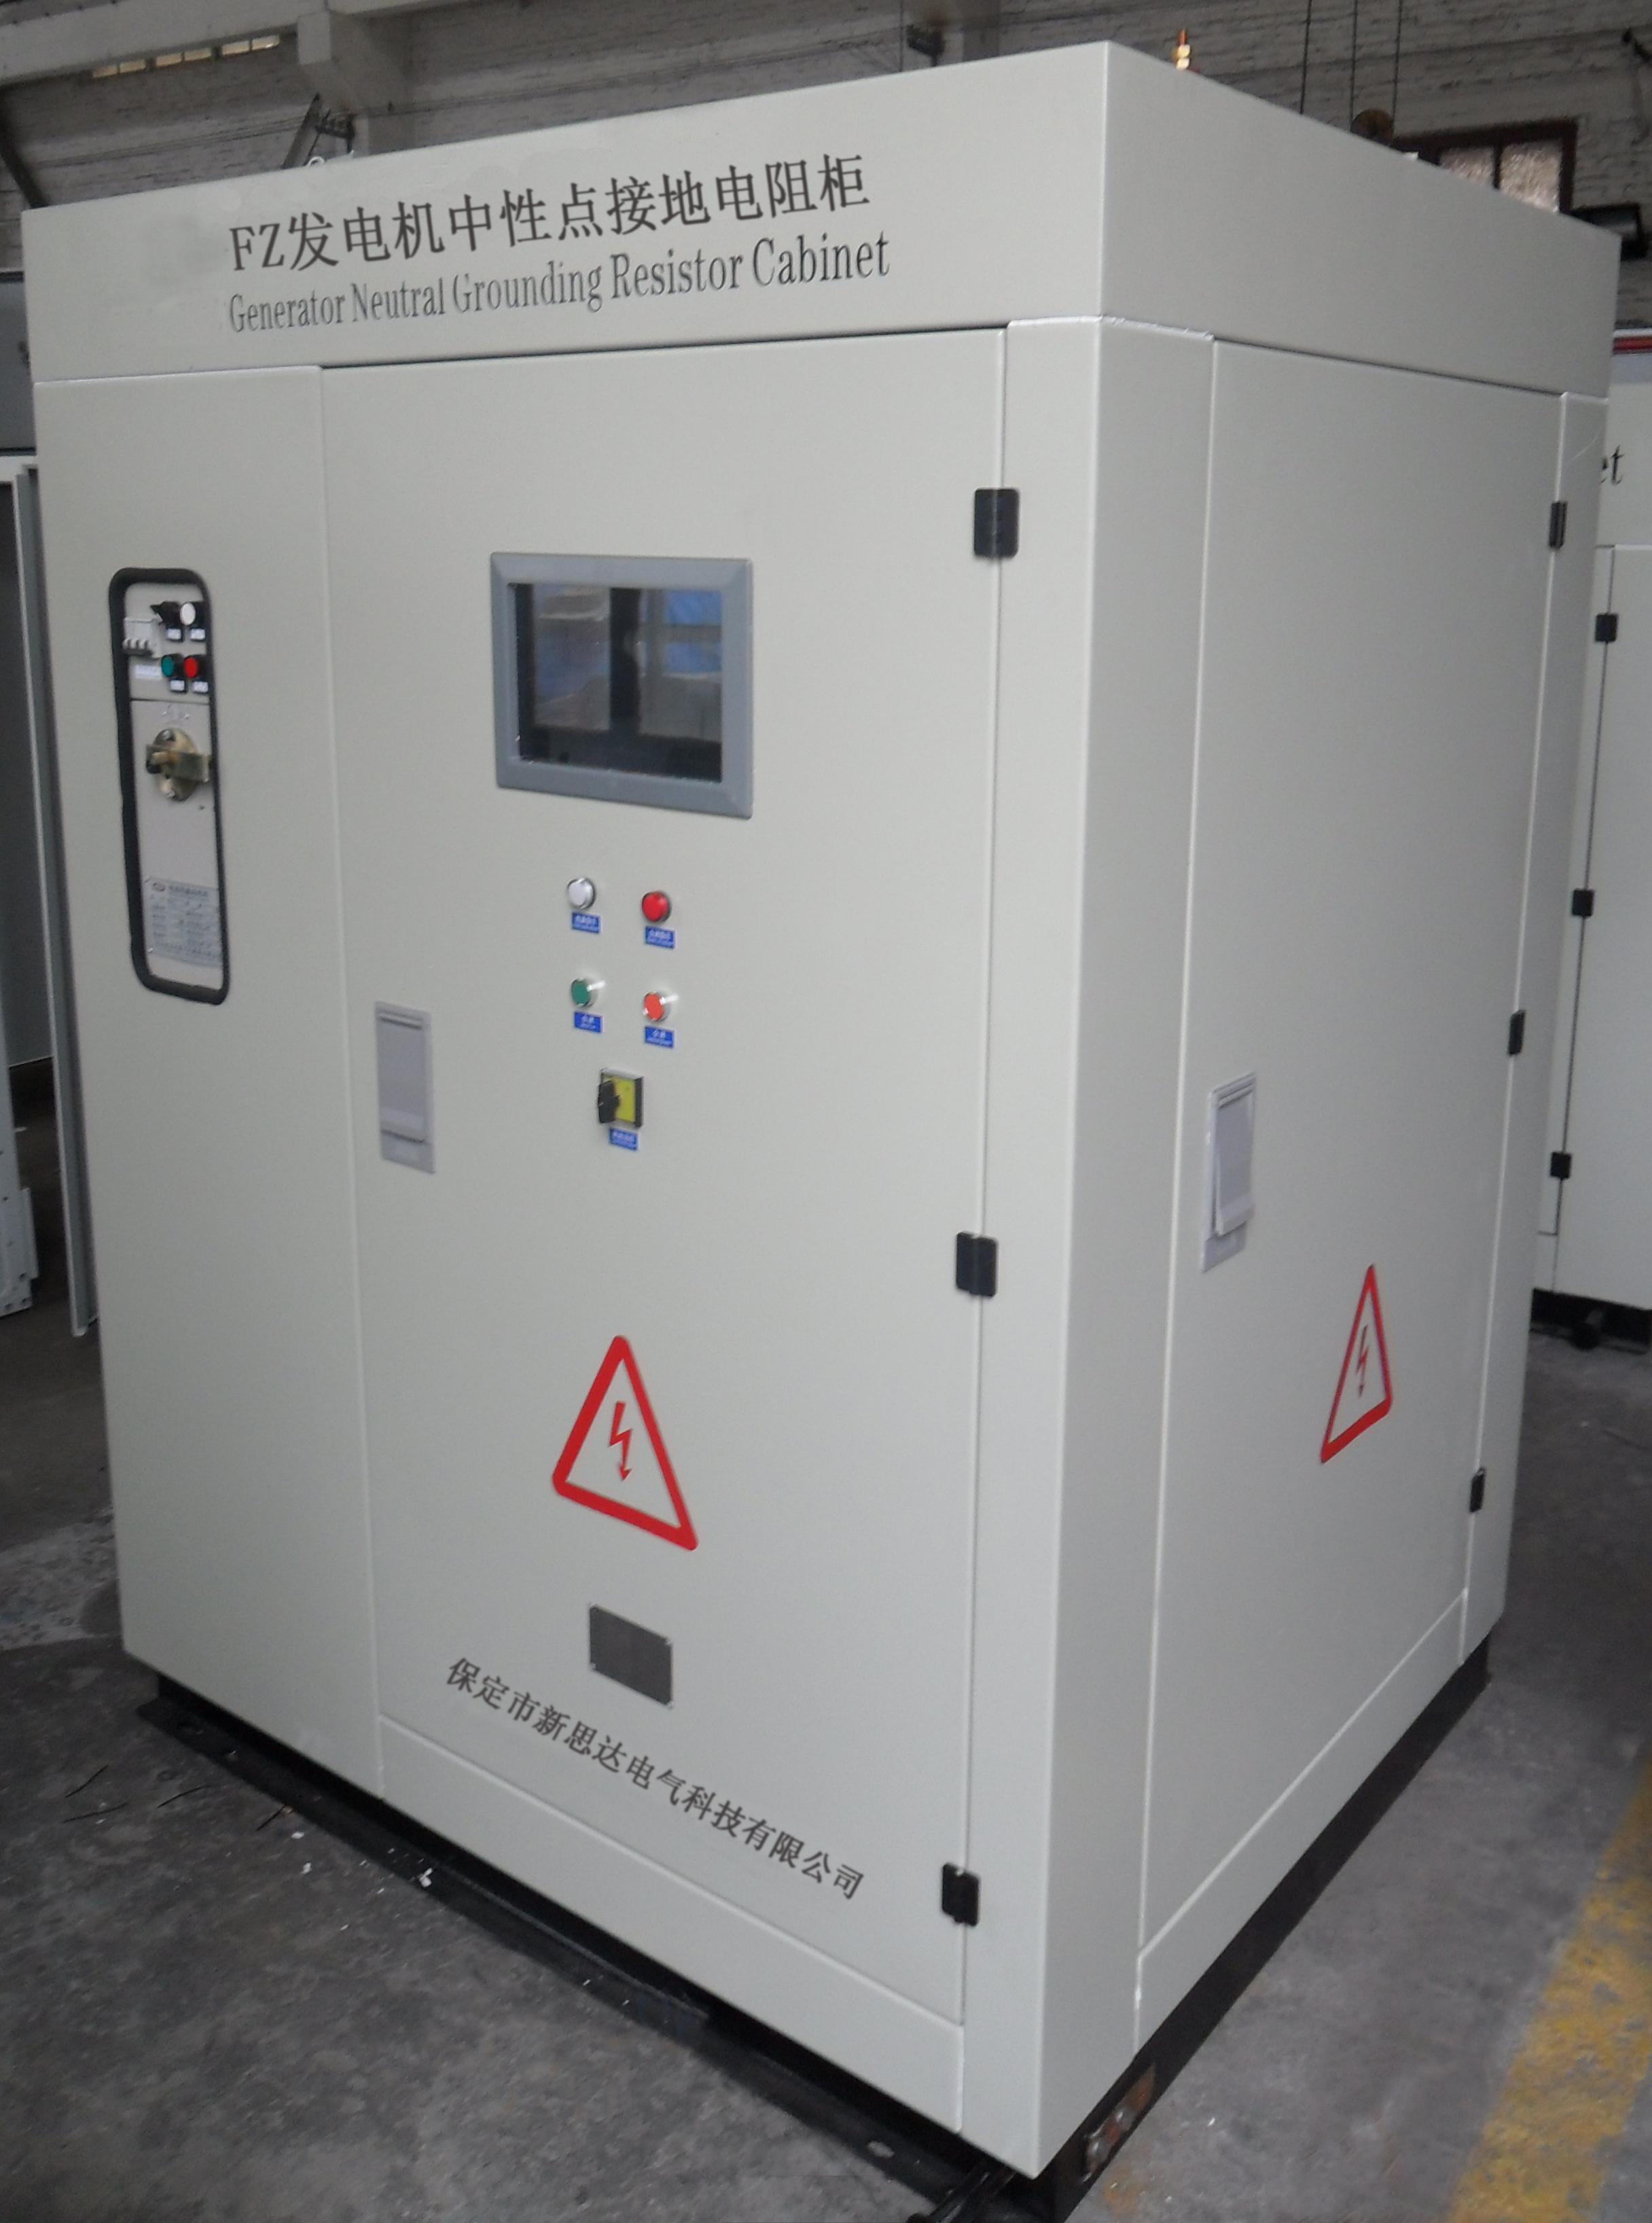 NS-FZ发电机中性点接地电阻柜的作用是什么